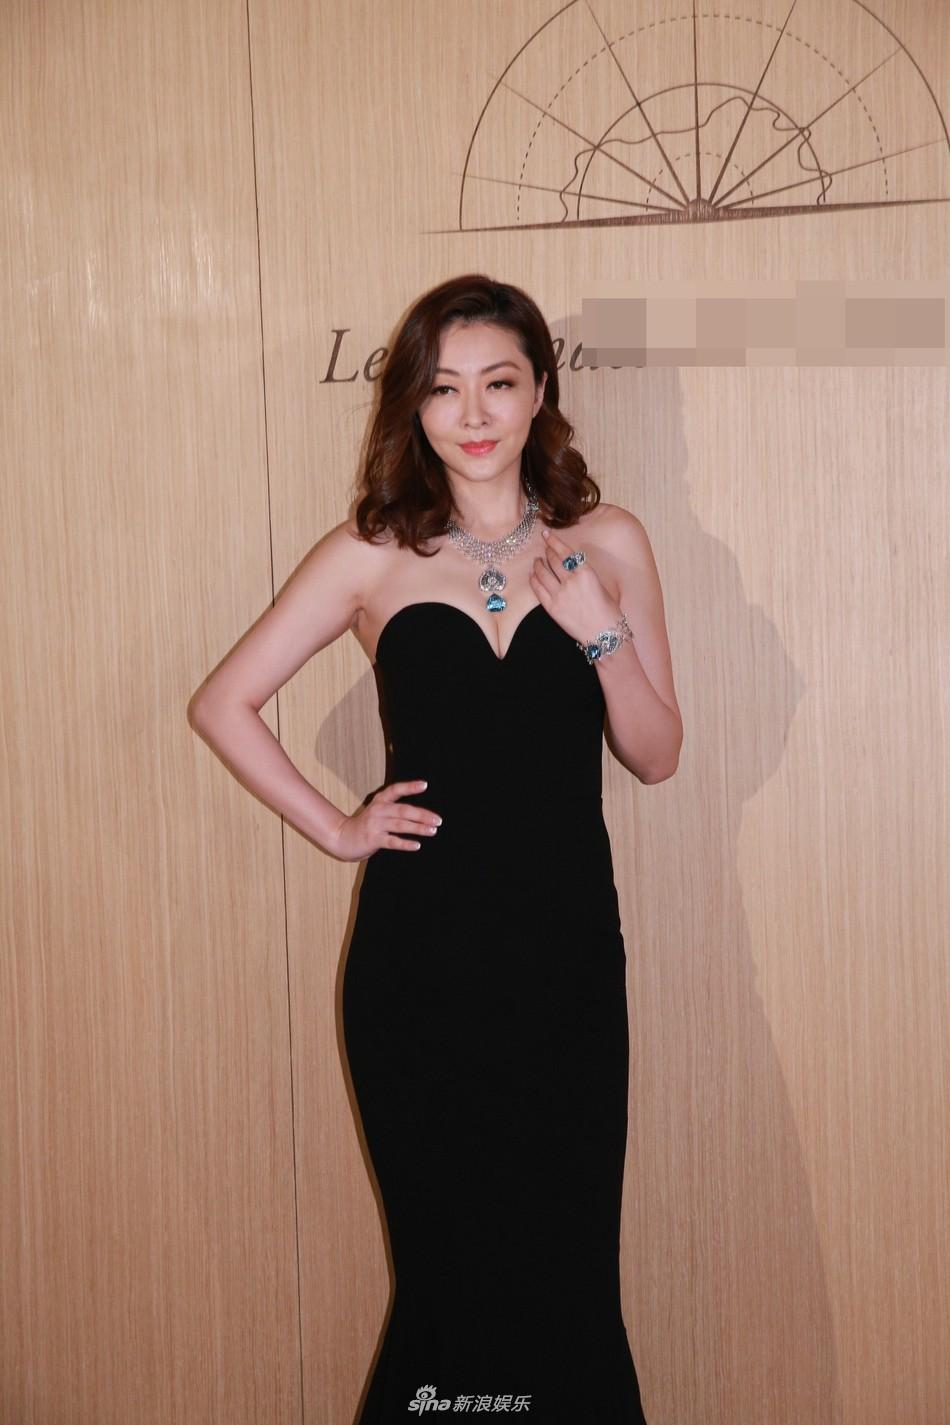 Lần đầu xuất hiện sau khi sinh con, siêu mẫu số 1 Hong Kong Hùng Đại Lâm khoe vóc dáng nóng bỏng hút mắt - Ảnh 5.